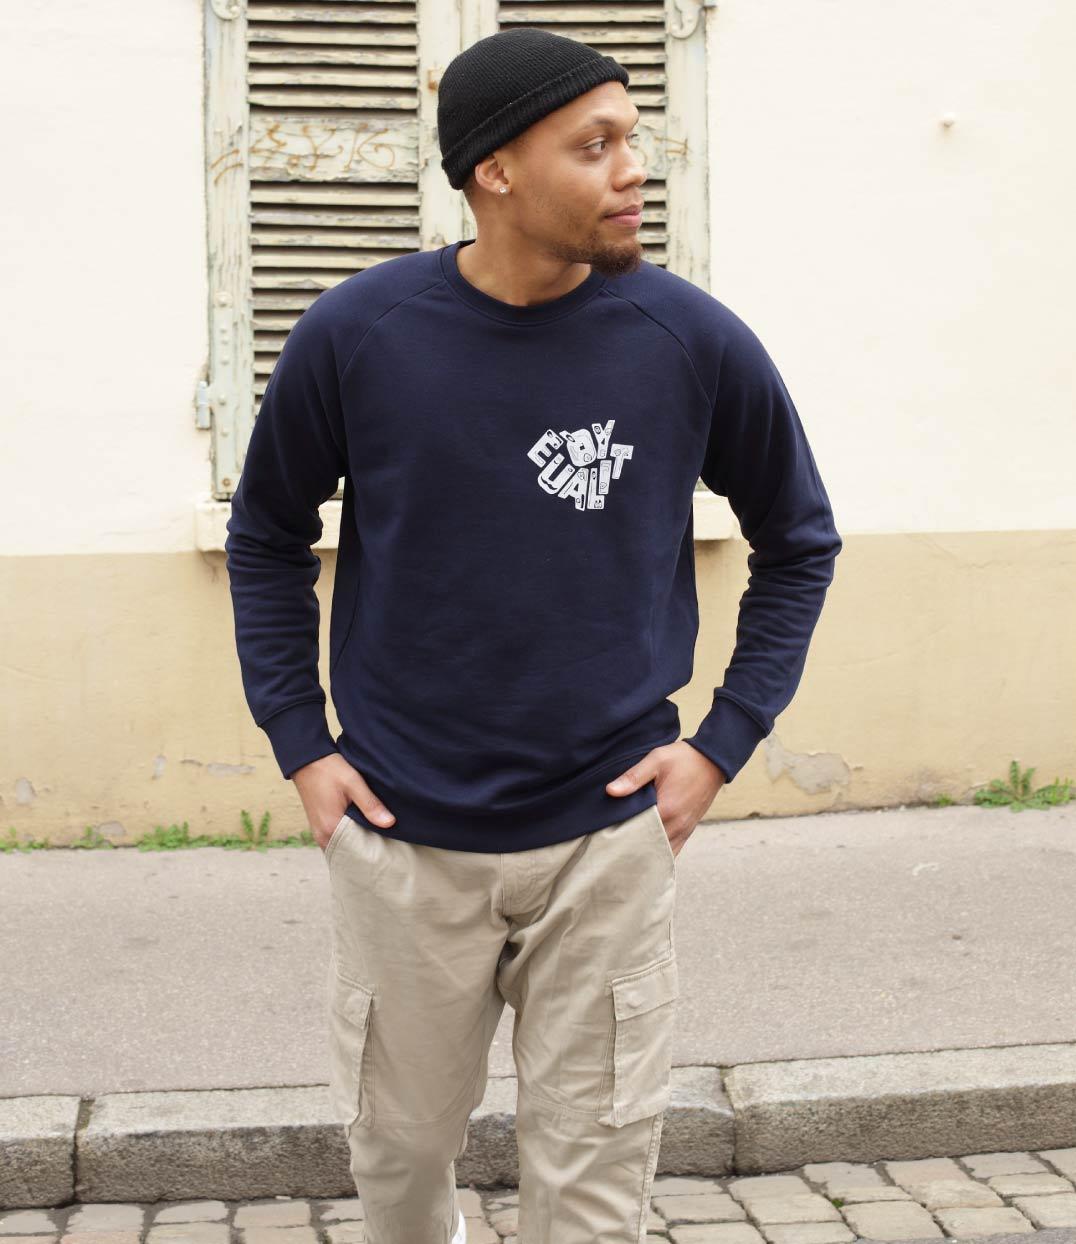 Un homme est dans la rue. Il regarde au loin et porte le sweatshirt equality bleu leonor roversi